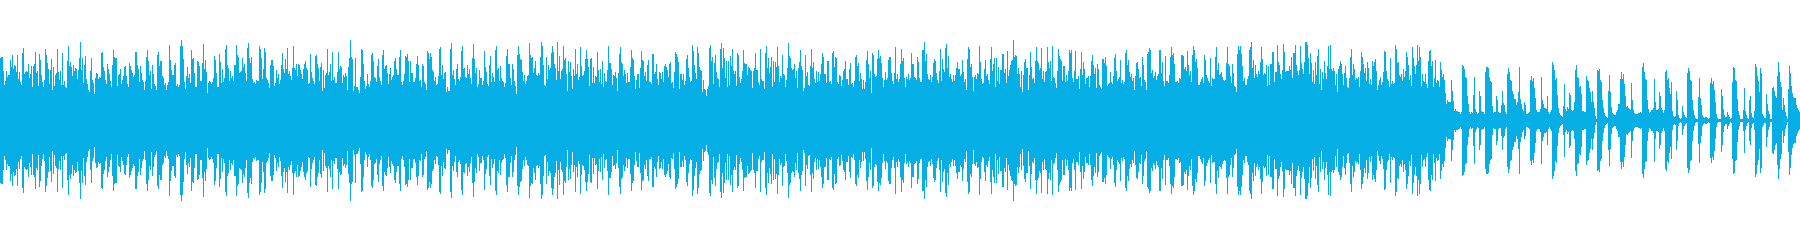 アコギナチュラルテイストループの再生済みの波形